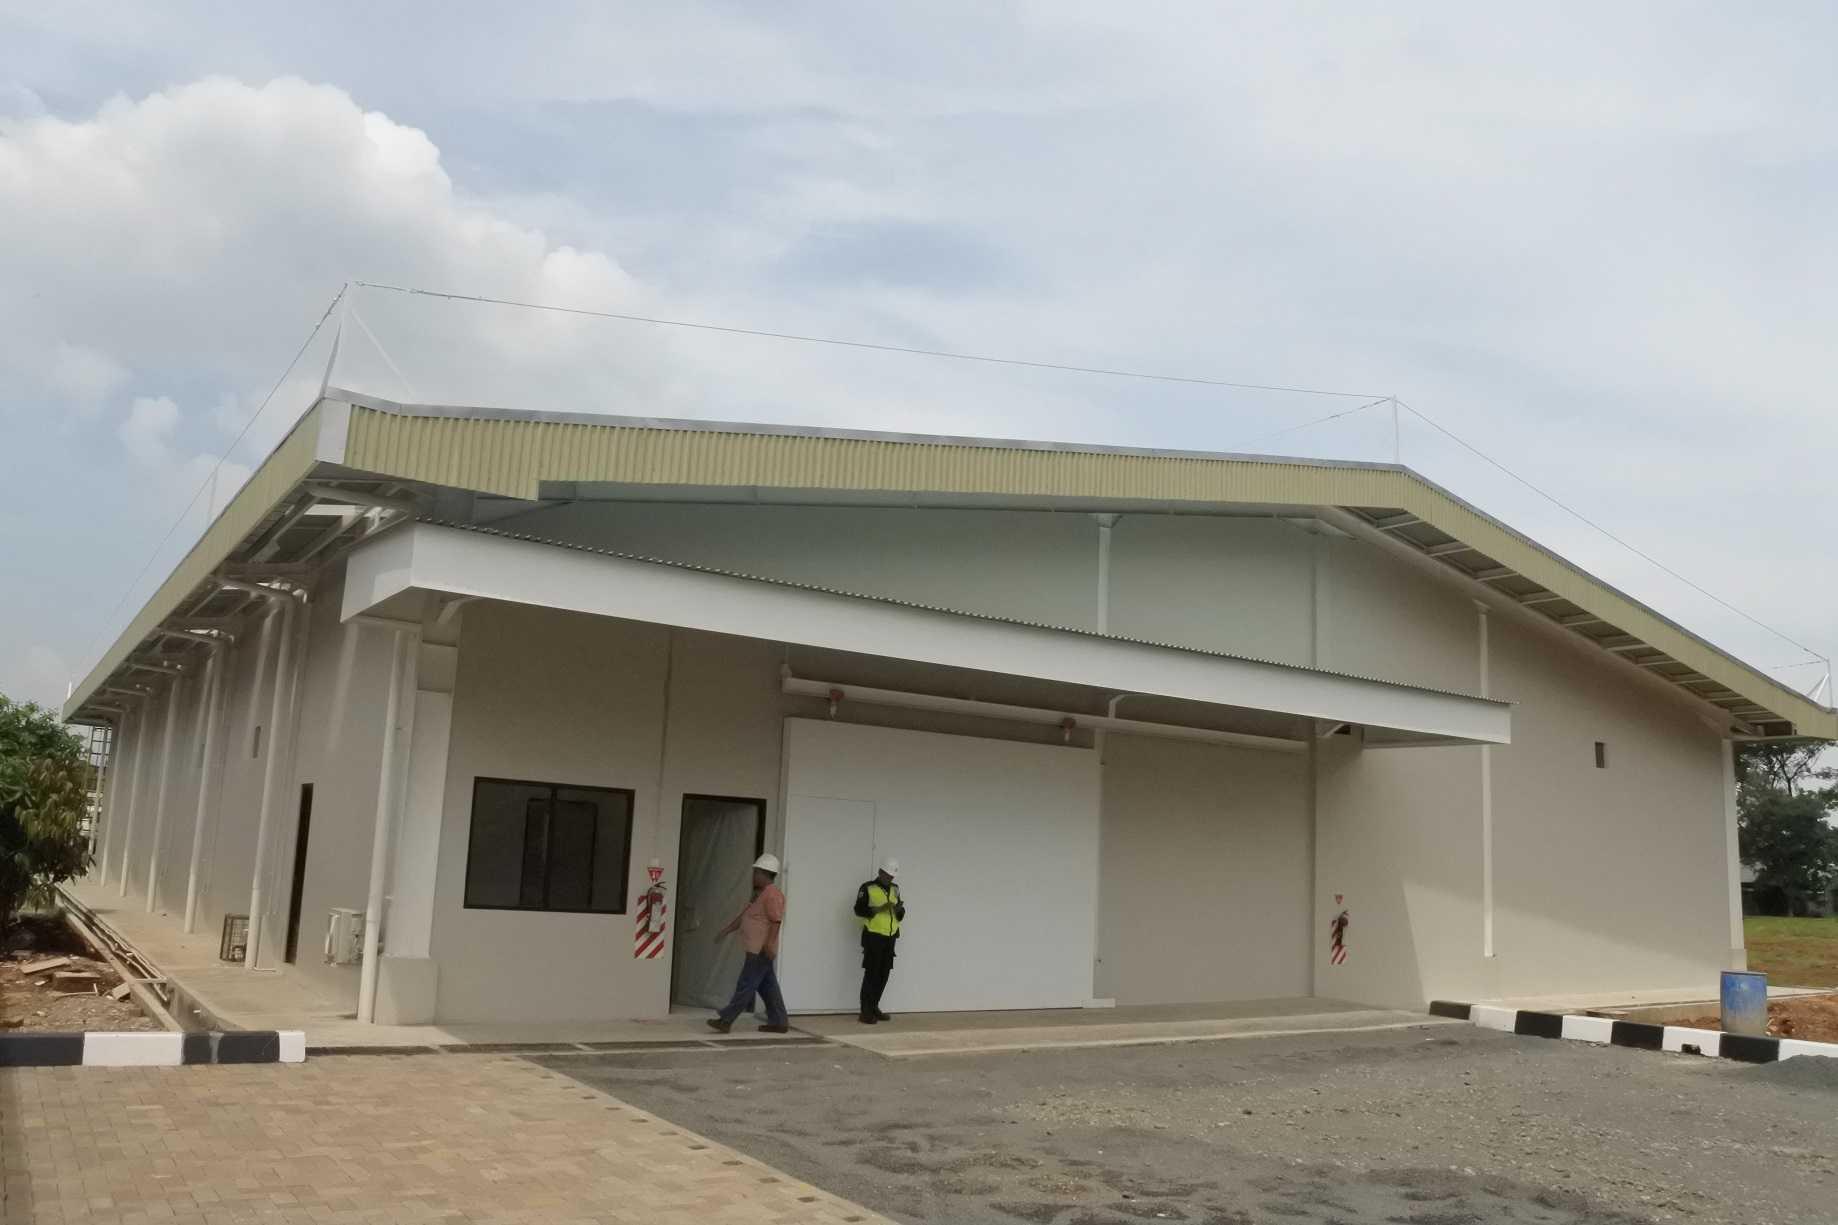 Adiprana Sentosa Indovesco Warehouse Pt Pama Persada (Astra Group) - Cileungsi Cileungsi, Bogor, Jawa Barat, Indonesia Cileungsi, Bogor, Jawa Barat, Indonesia Adiprana-Sentosa-Indovesco-Warehouse-Pt-Pama-Persada-Astra-Group-Cileungsi  71641